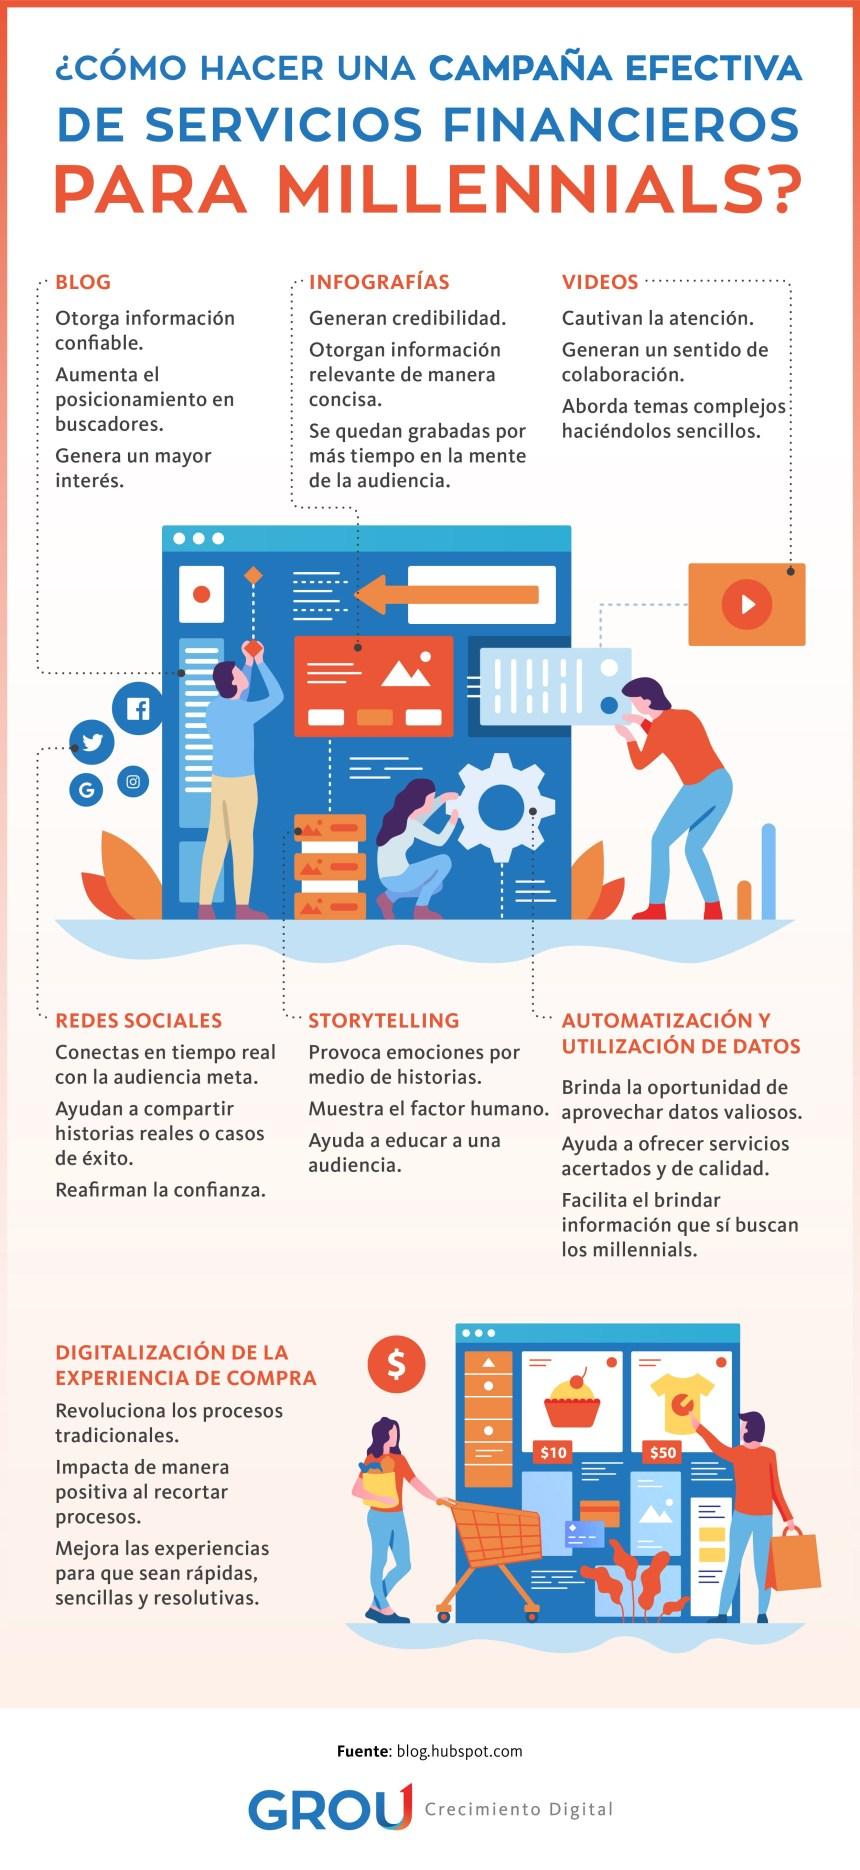 Cómo hacer una campaña de Servicios Financieros para millenials #infografia #marketing